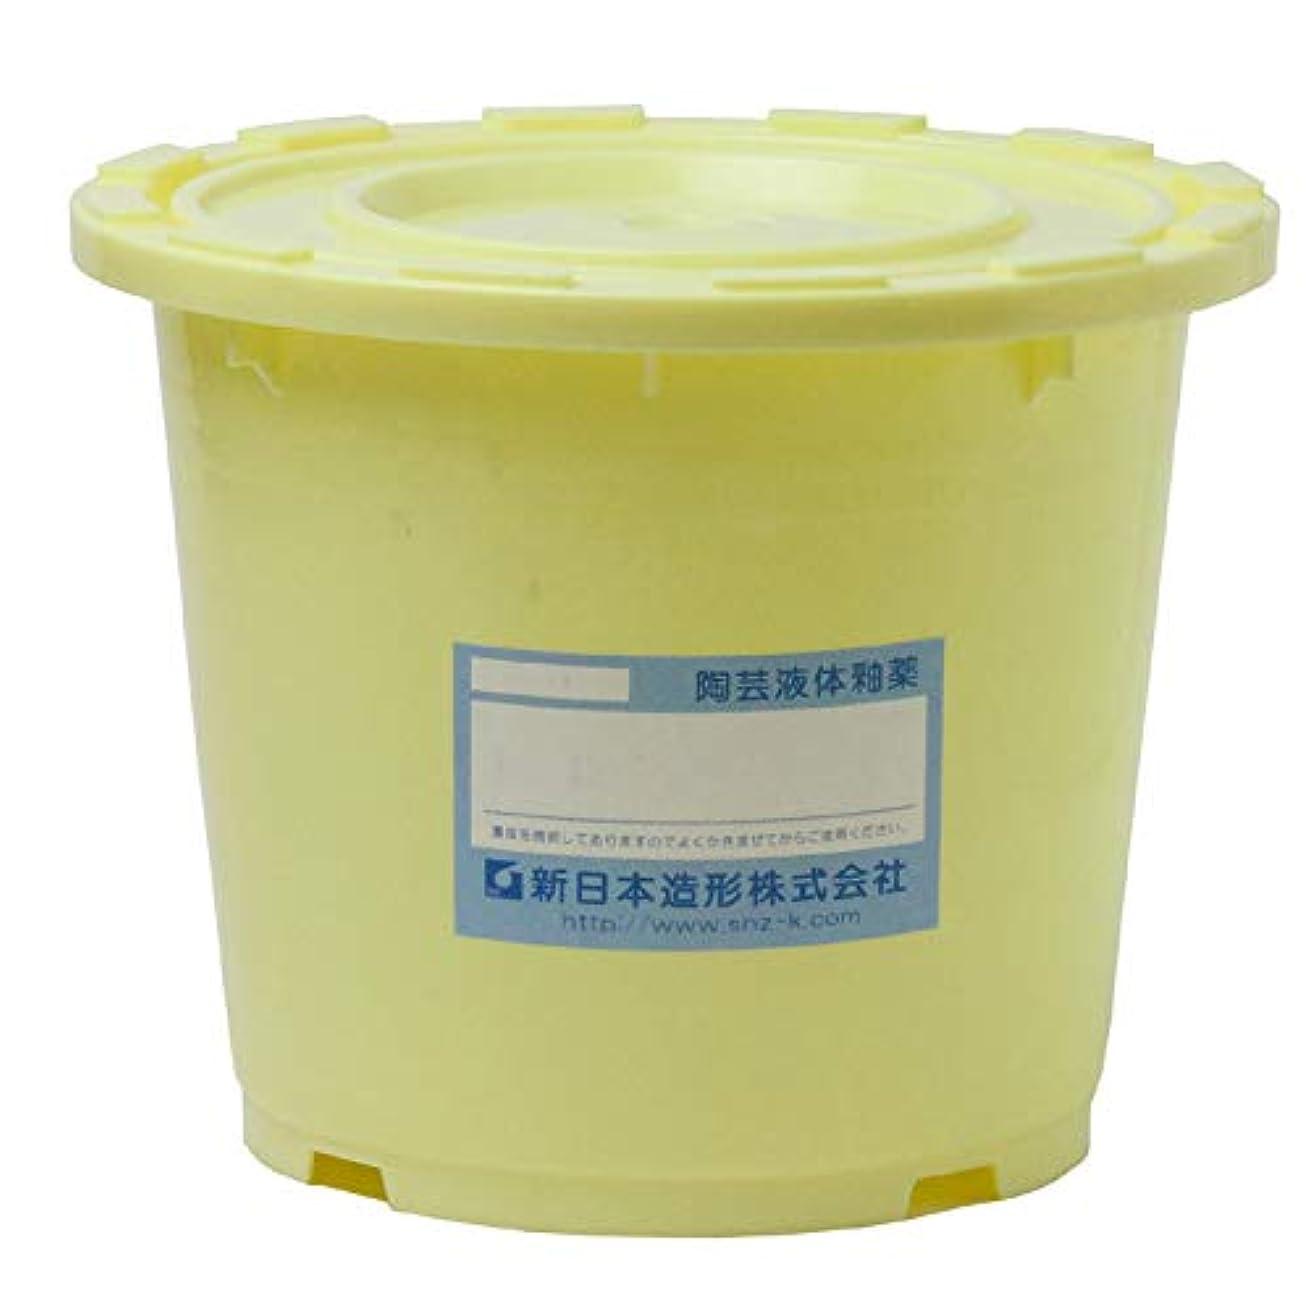 構成員バイパストリプル陶芸 液体釉薬 3L 黒天目釉